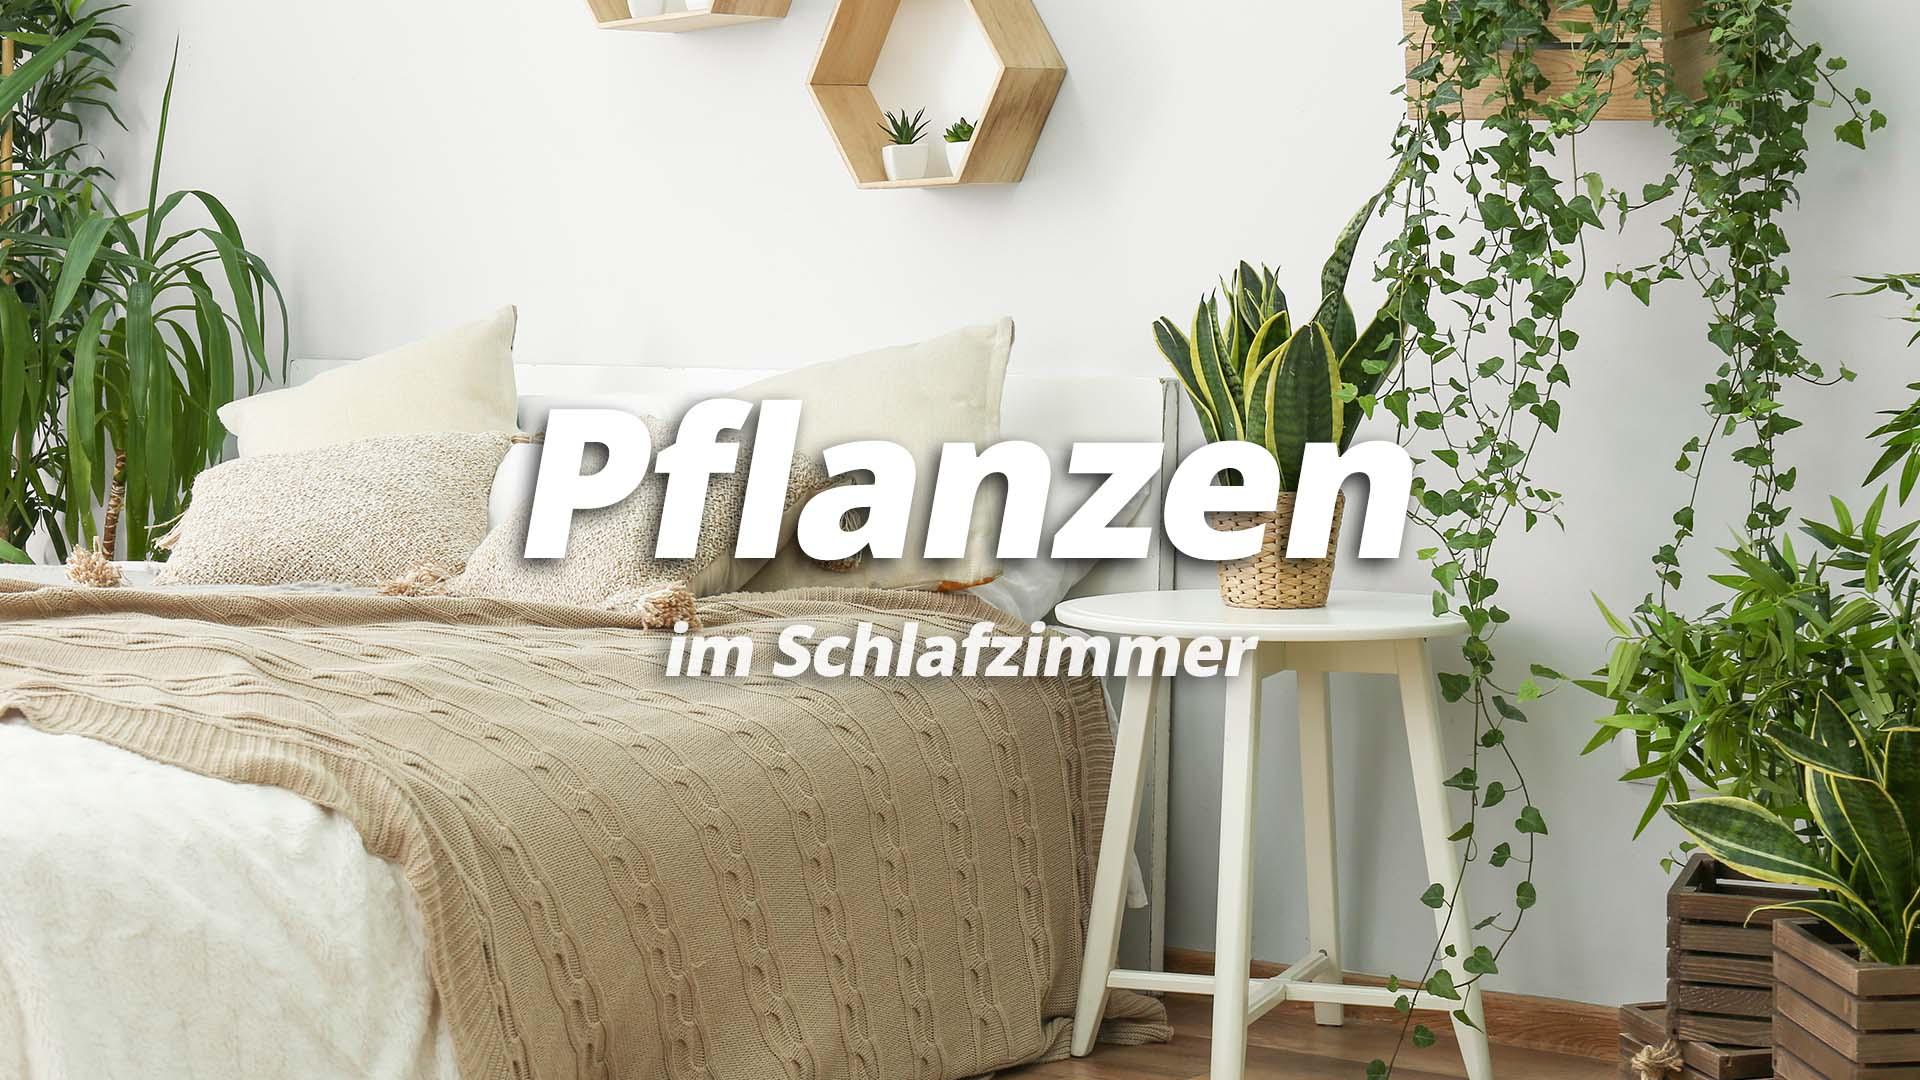 pflanzen-im-Schlafzimmer